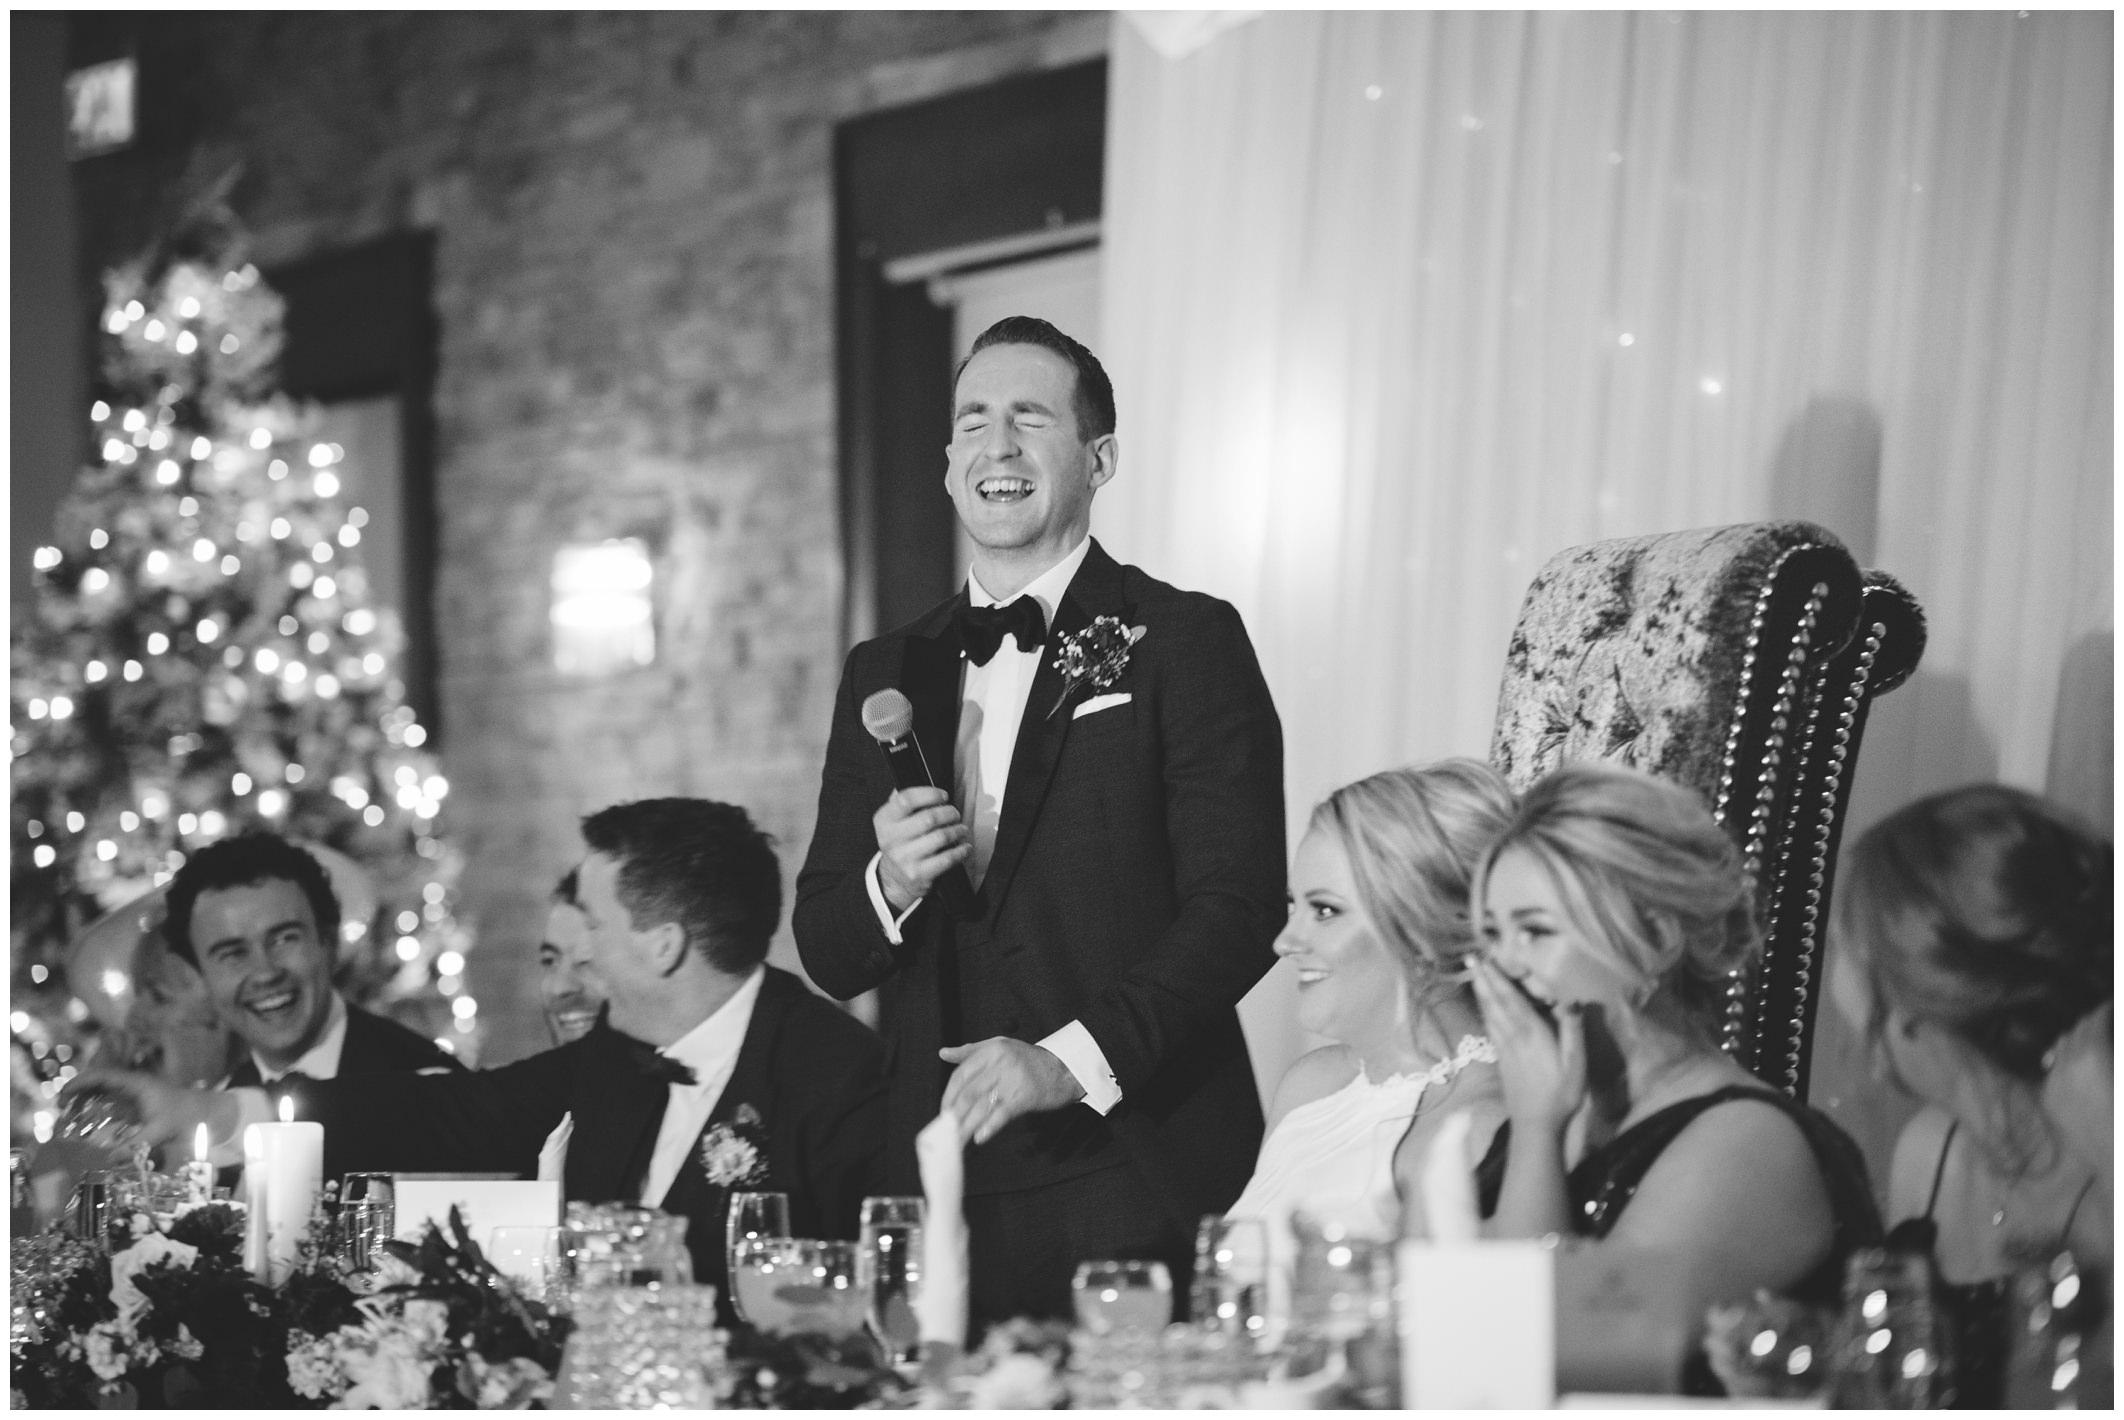 silver_tassie_wedding_jude_browne_photography_0105.jpg